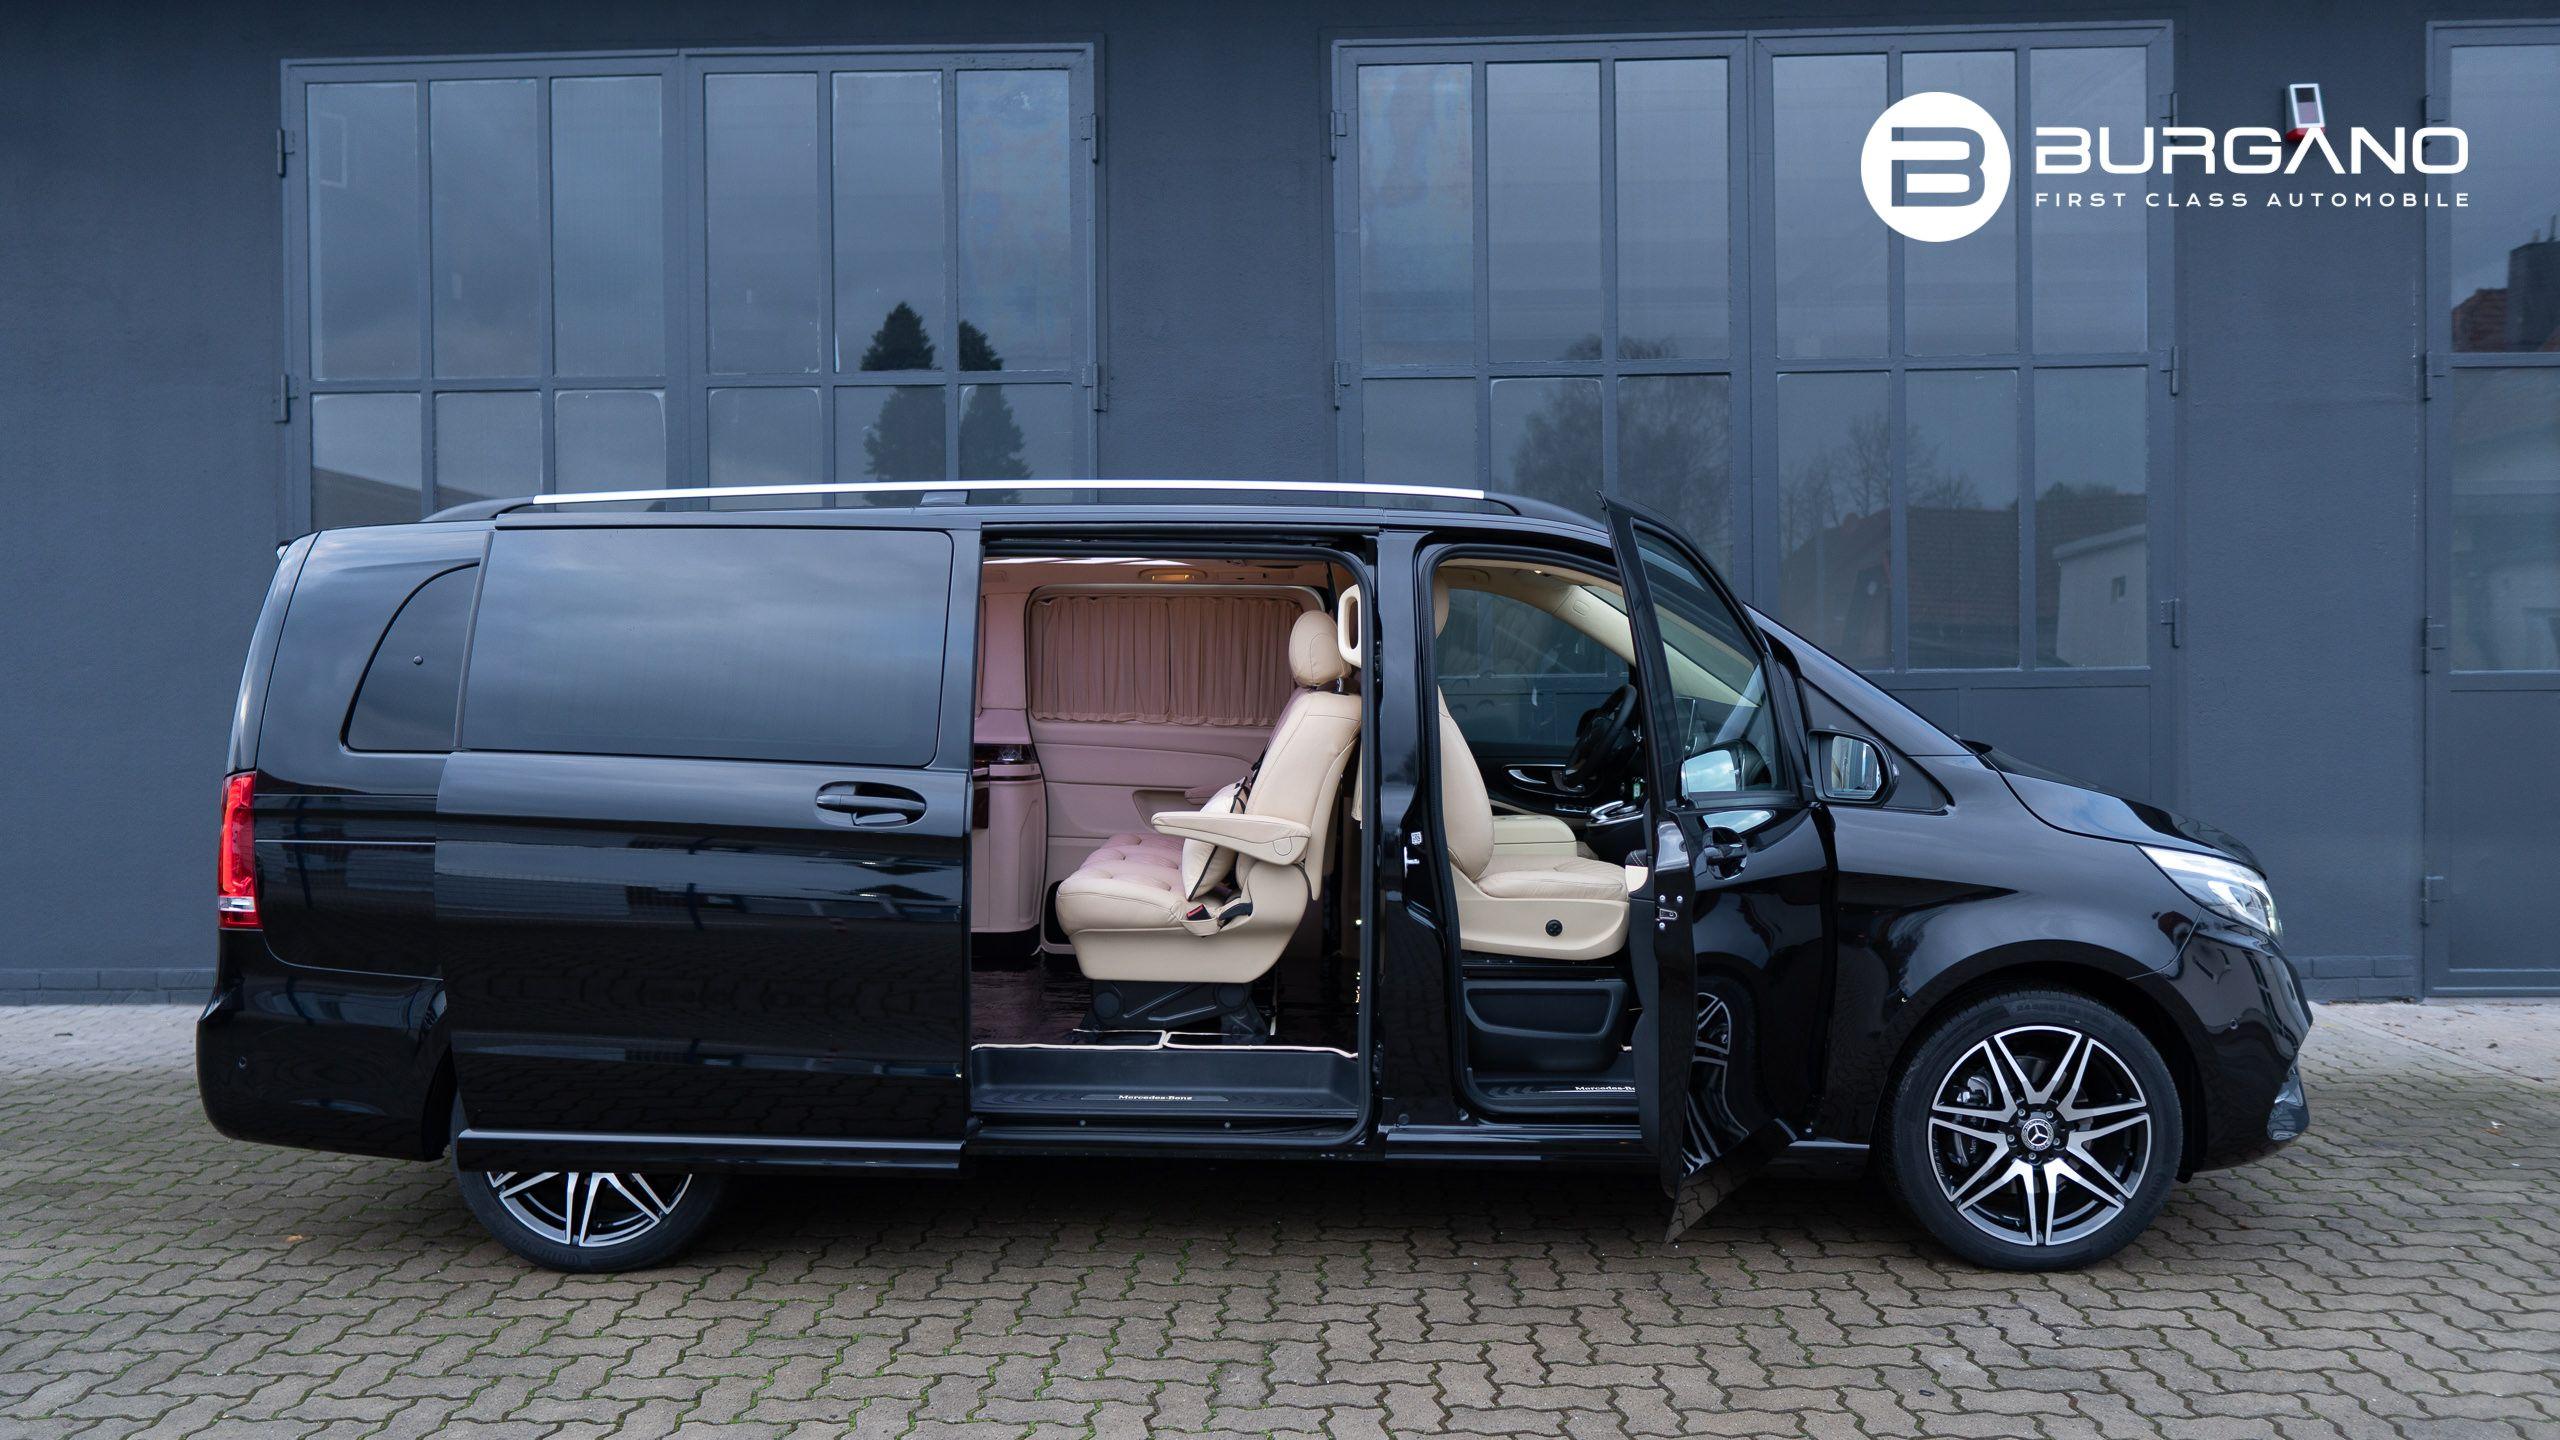 29+ Most luxurious minivan dekstop